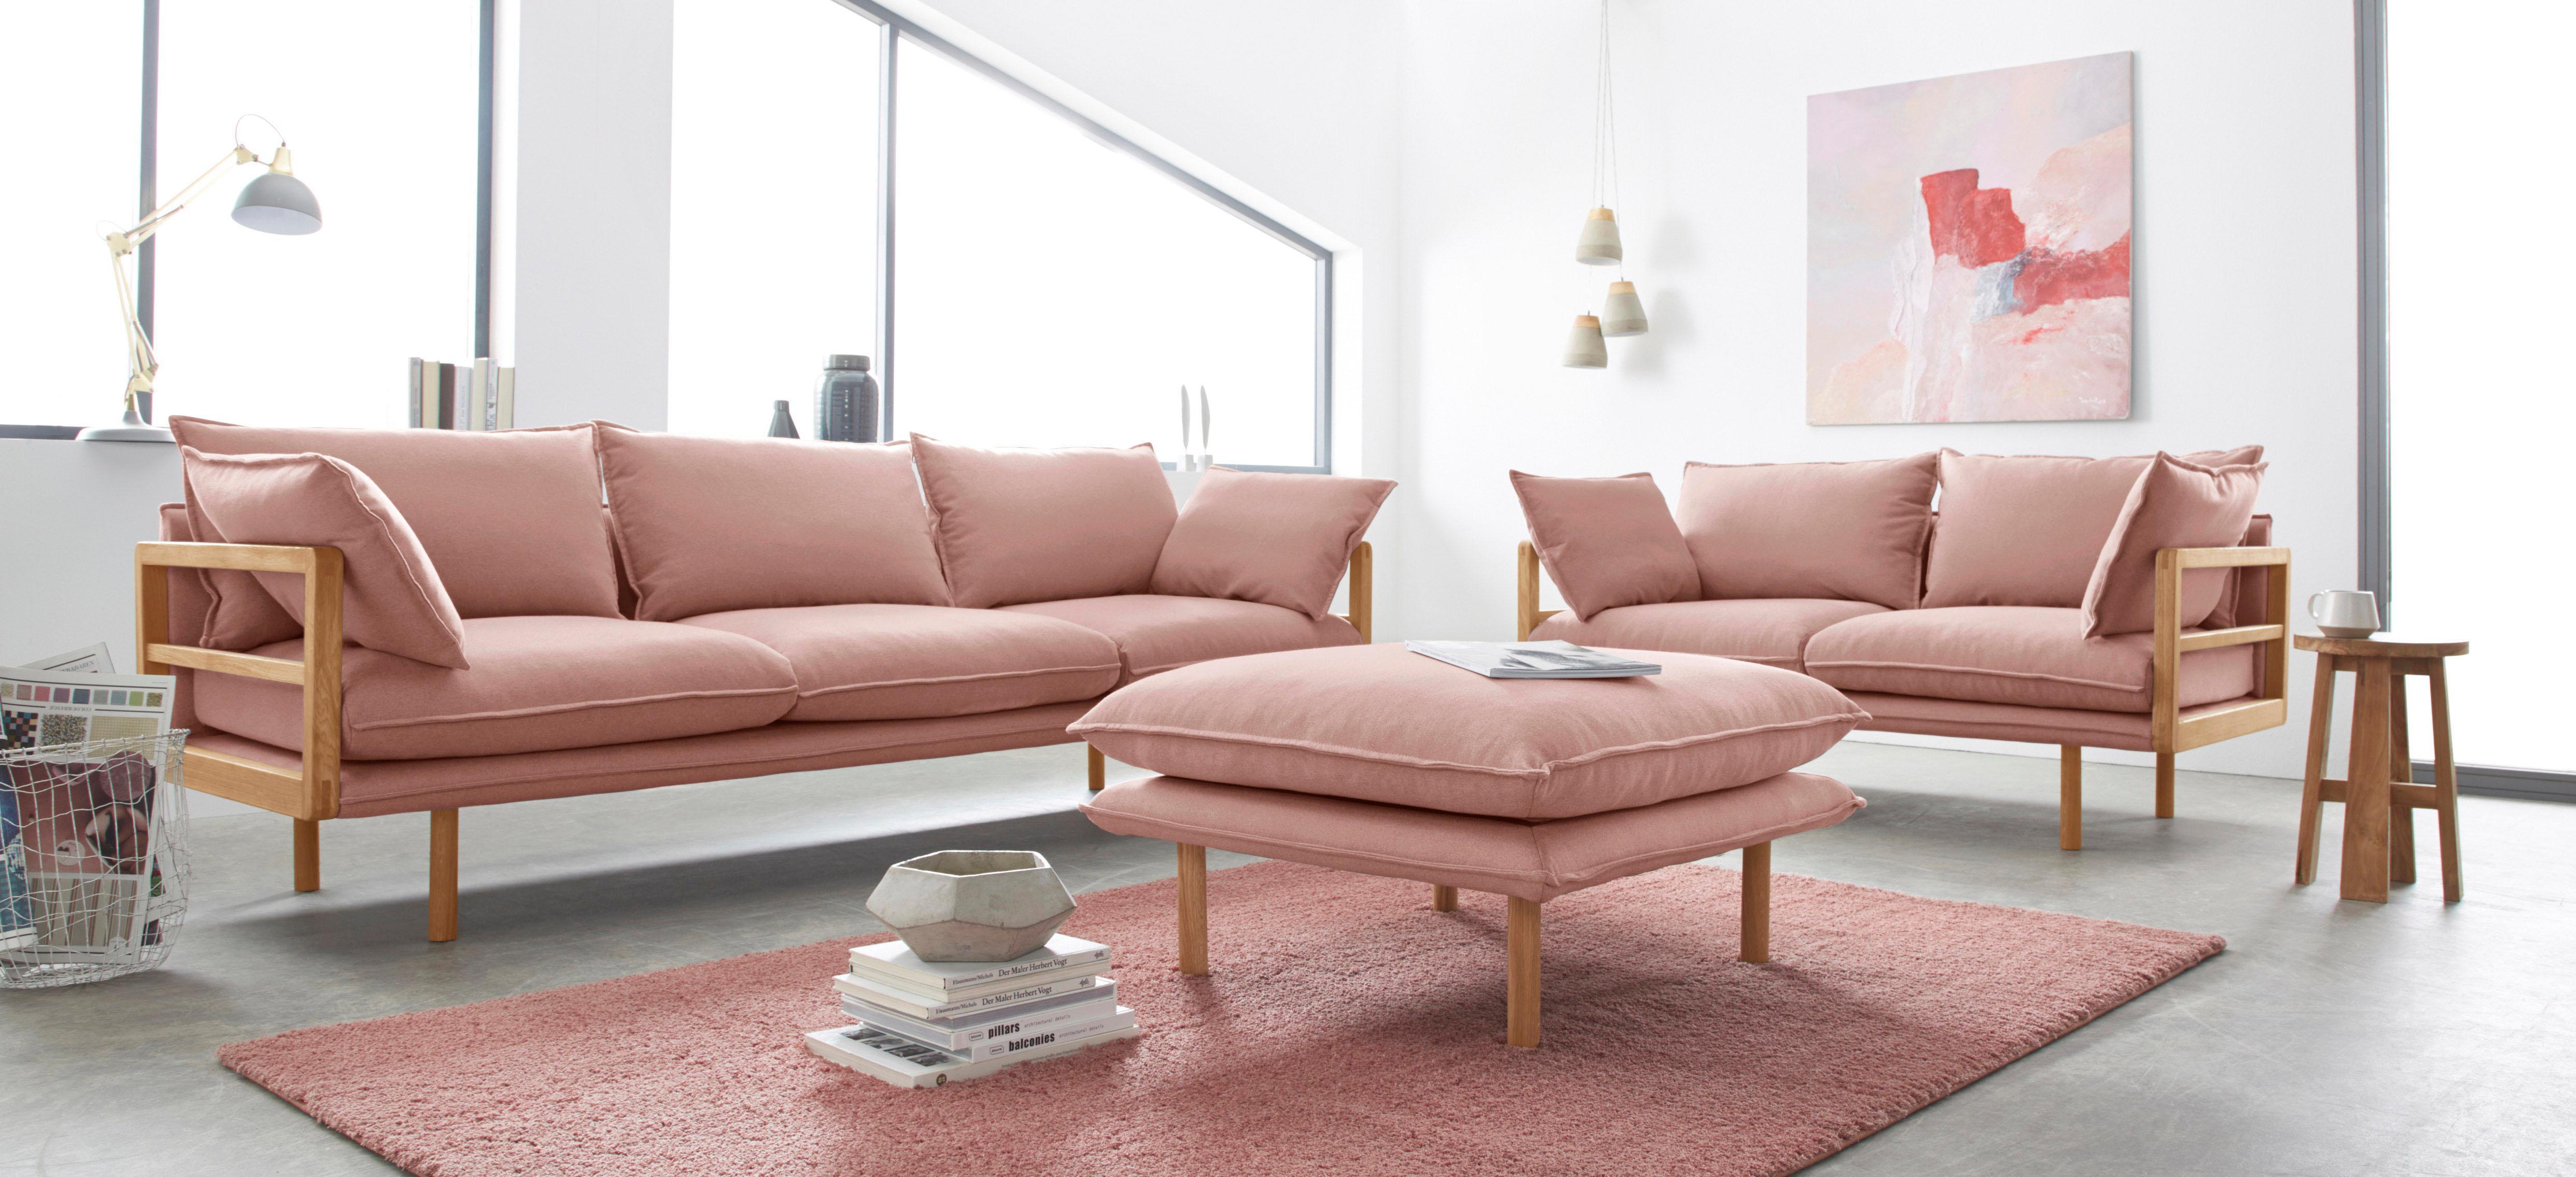 Inosign »Purple« 2  Und 3 Sitzer Im Set Mit Eichen Gestell In  Außergewöhnlichem Design